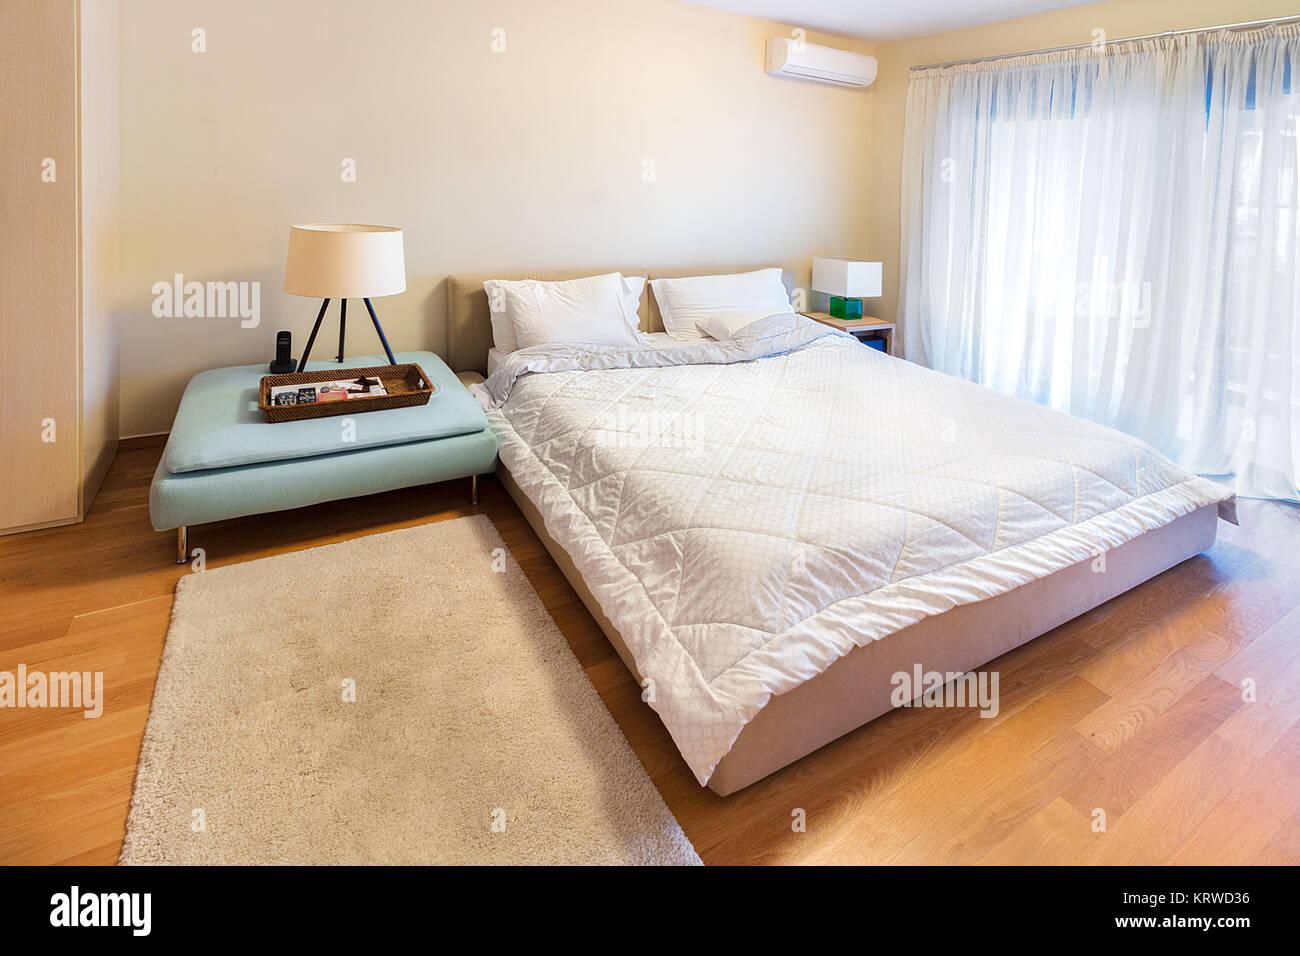 Ein Modernes Schlafzimmer Mit Einem King Size Doppelbett Einem